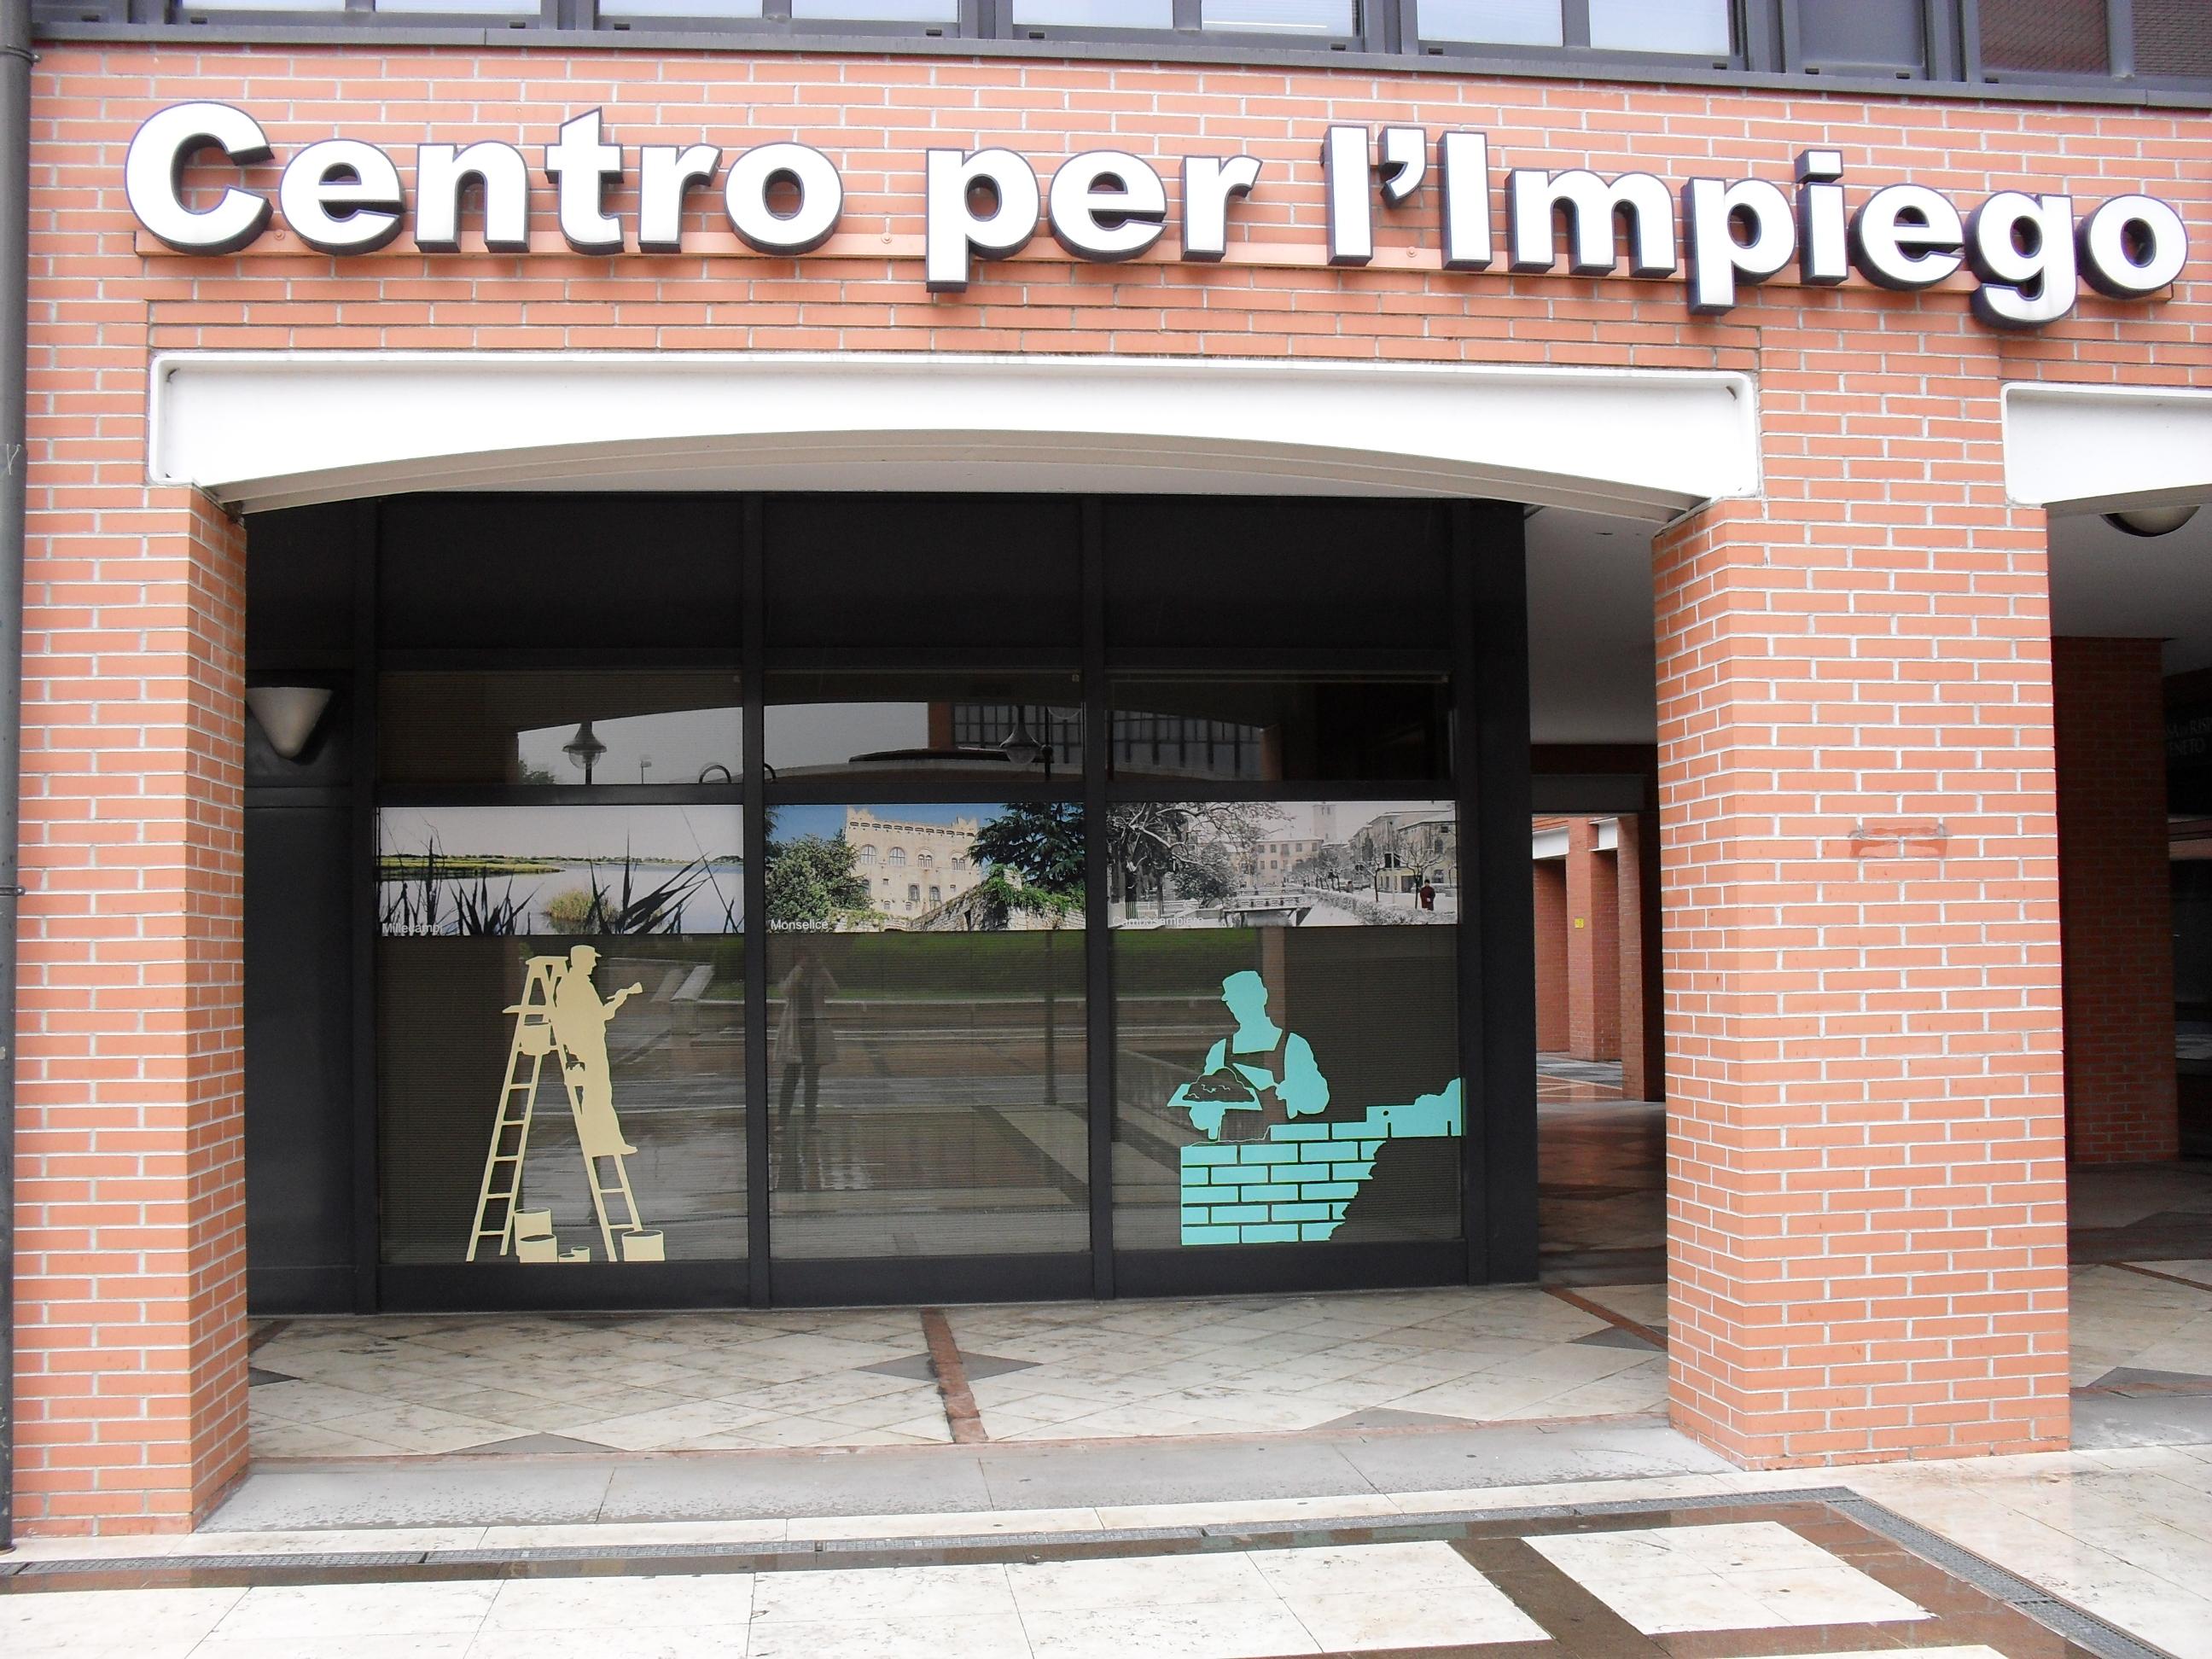 Ufficio Di Collocamento X Municipio : Centro per l impiego realizzazione di info point lavoro cefalù